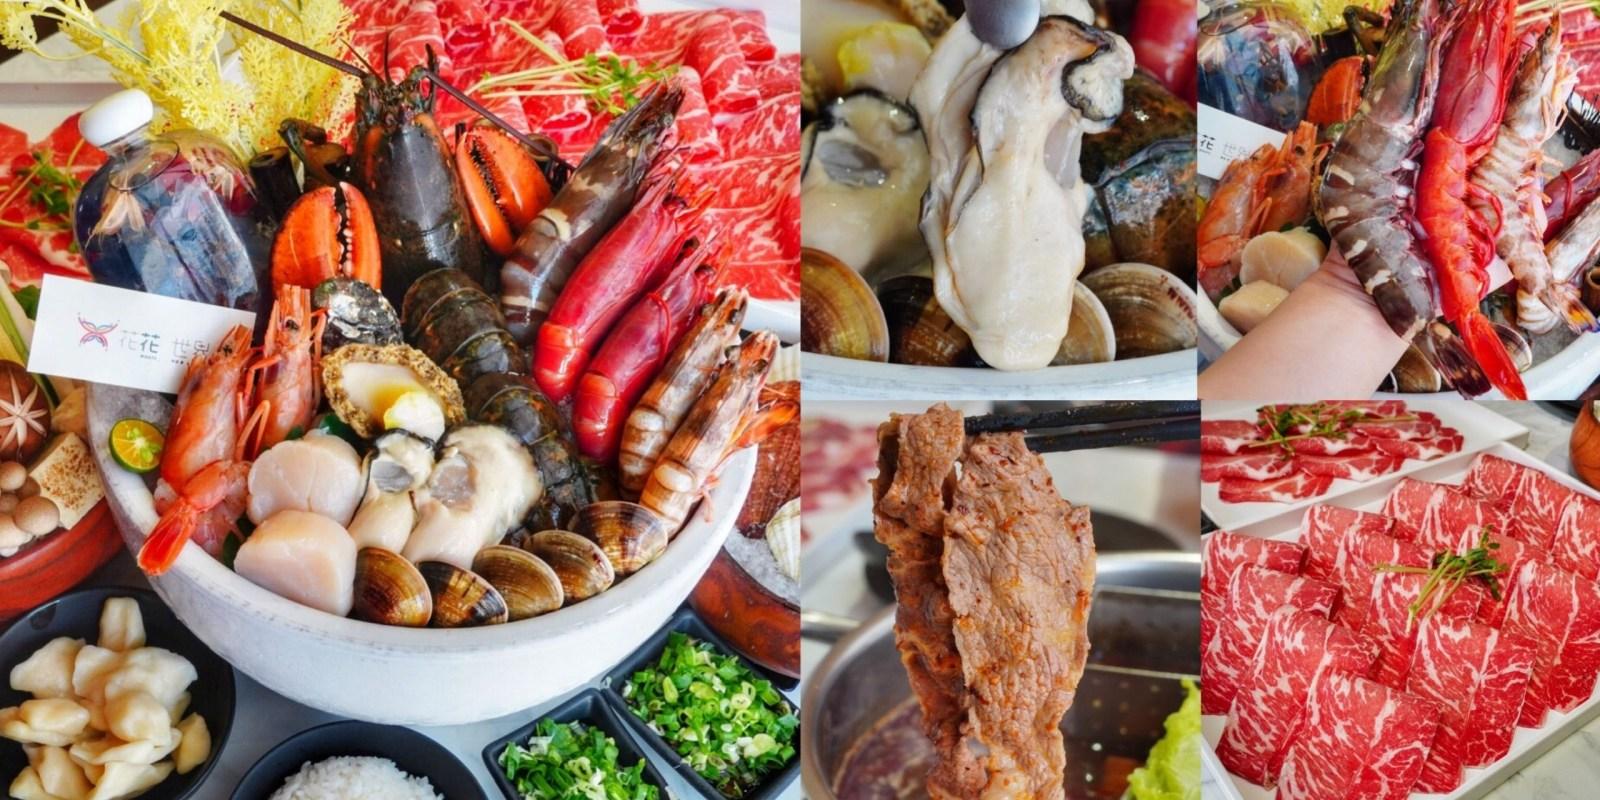 【台南浮誇系火鍋店】超強海陸套餐在這裡「花花世界鍋物」海鮮拼盤霸氣滿滿 白飯/飲料無限量供應|台南聚餐|情人約會